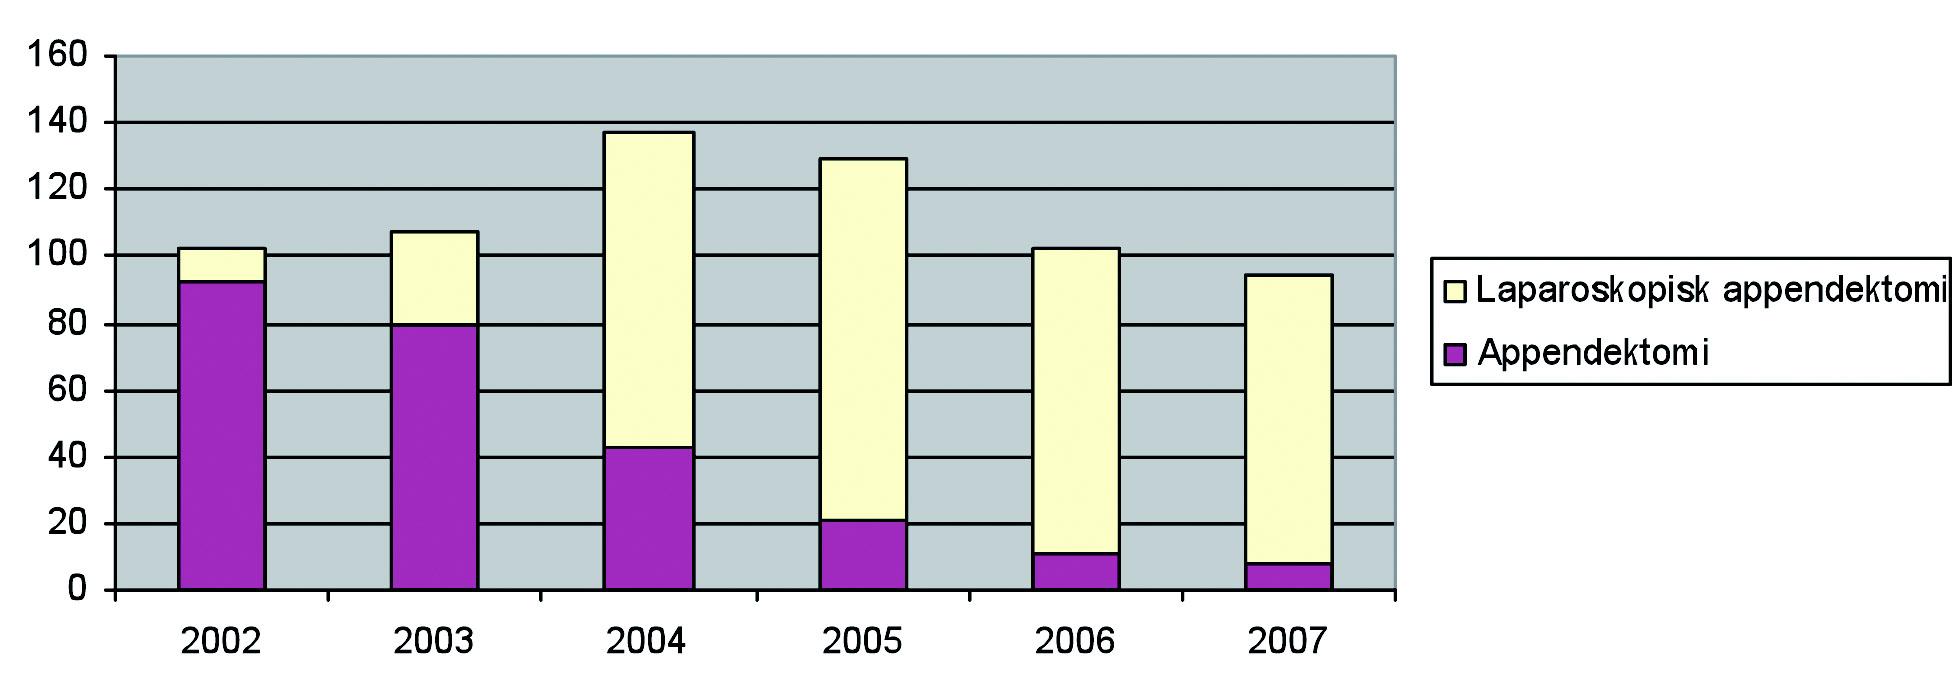 Figur 4. Antall laparoskopisk appendektomi sammelignet med åpen operasjon